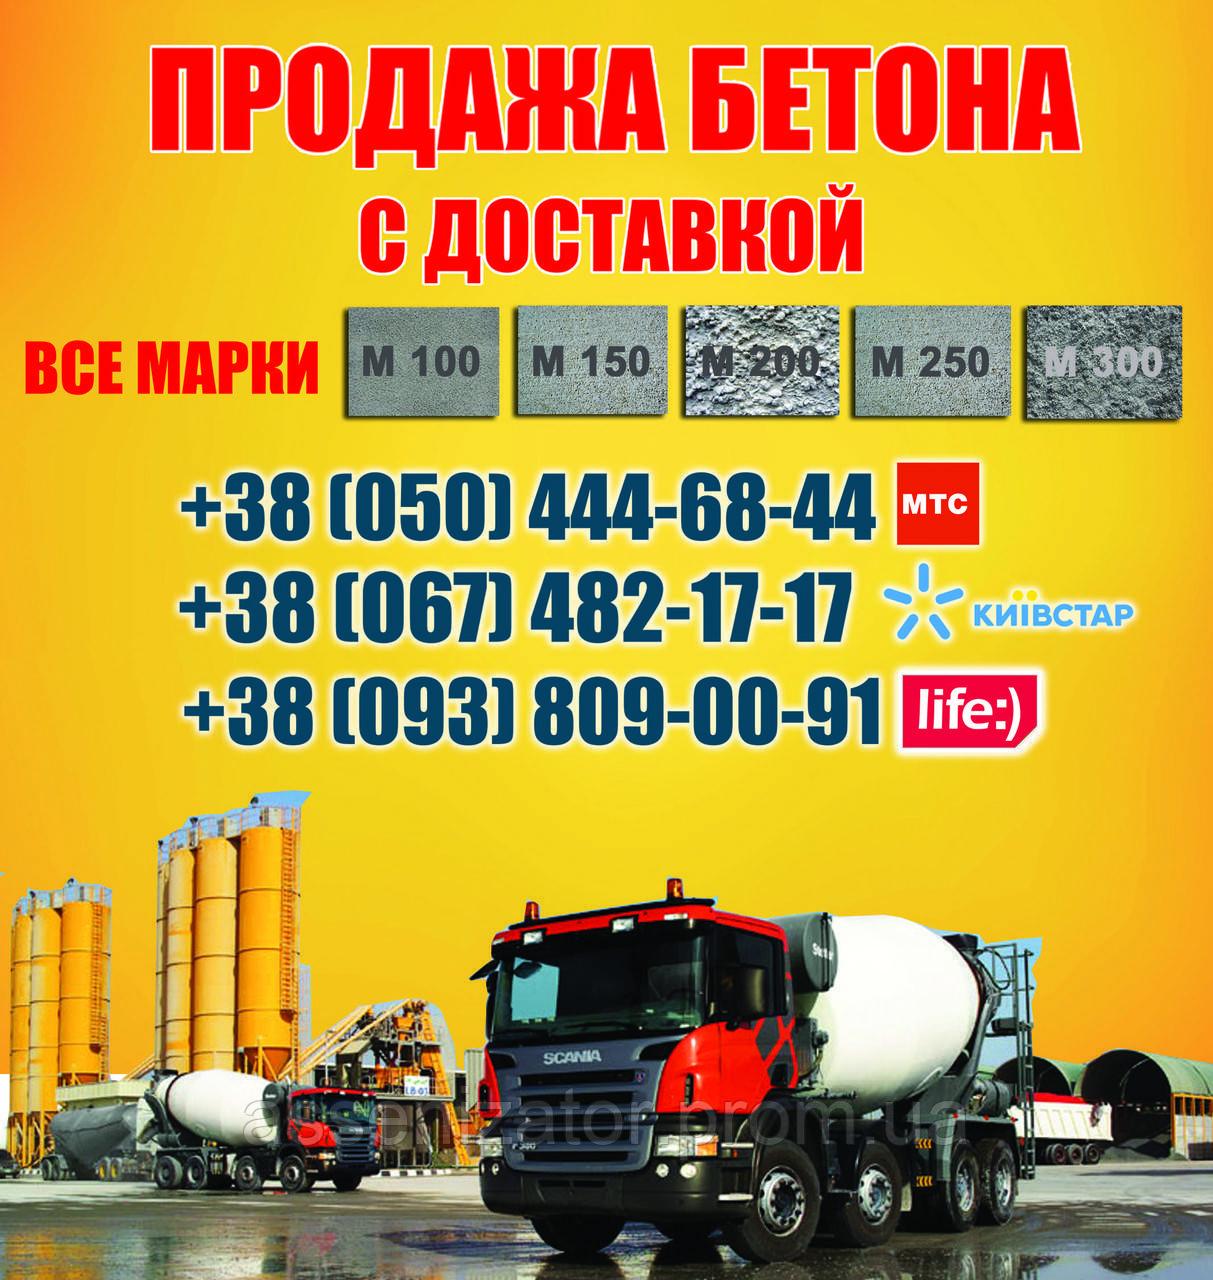 Бетон Желтые Воды. Купить бетон в Желтых Водах. Цена за куб по Желтым Водам. Купить с доставкой ЖЕЛТЫЕ ВОДЫ.